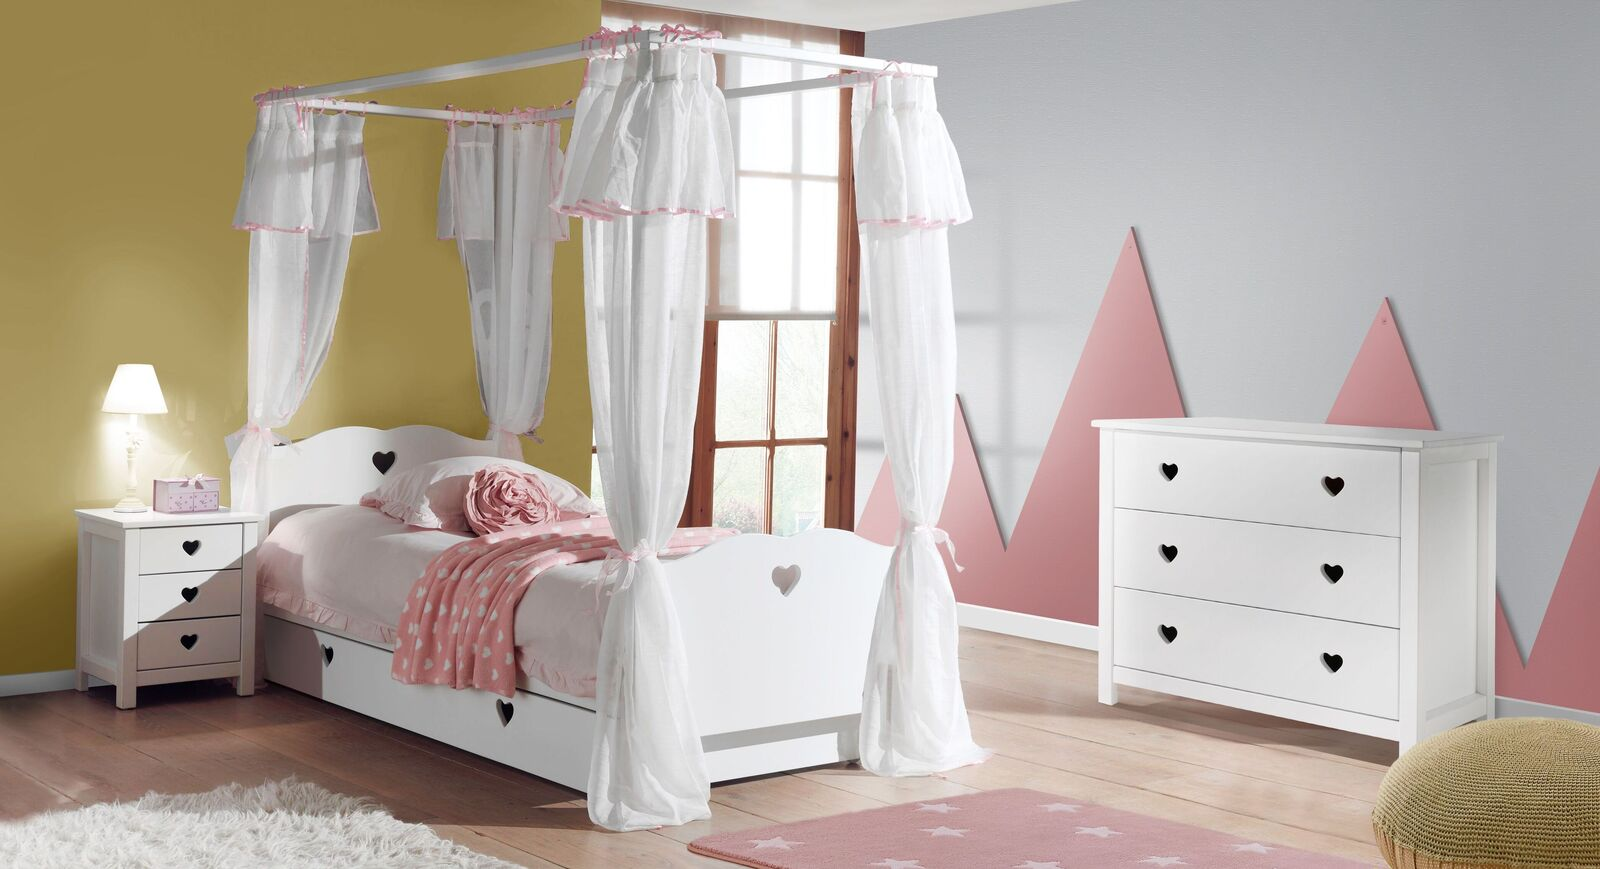 Himmelbett Asami mit passenden Kinderzimmer-Möbeln